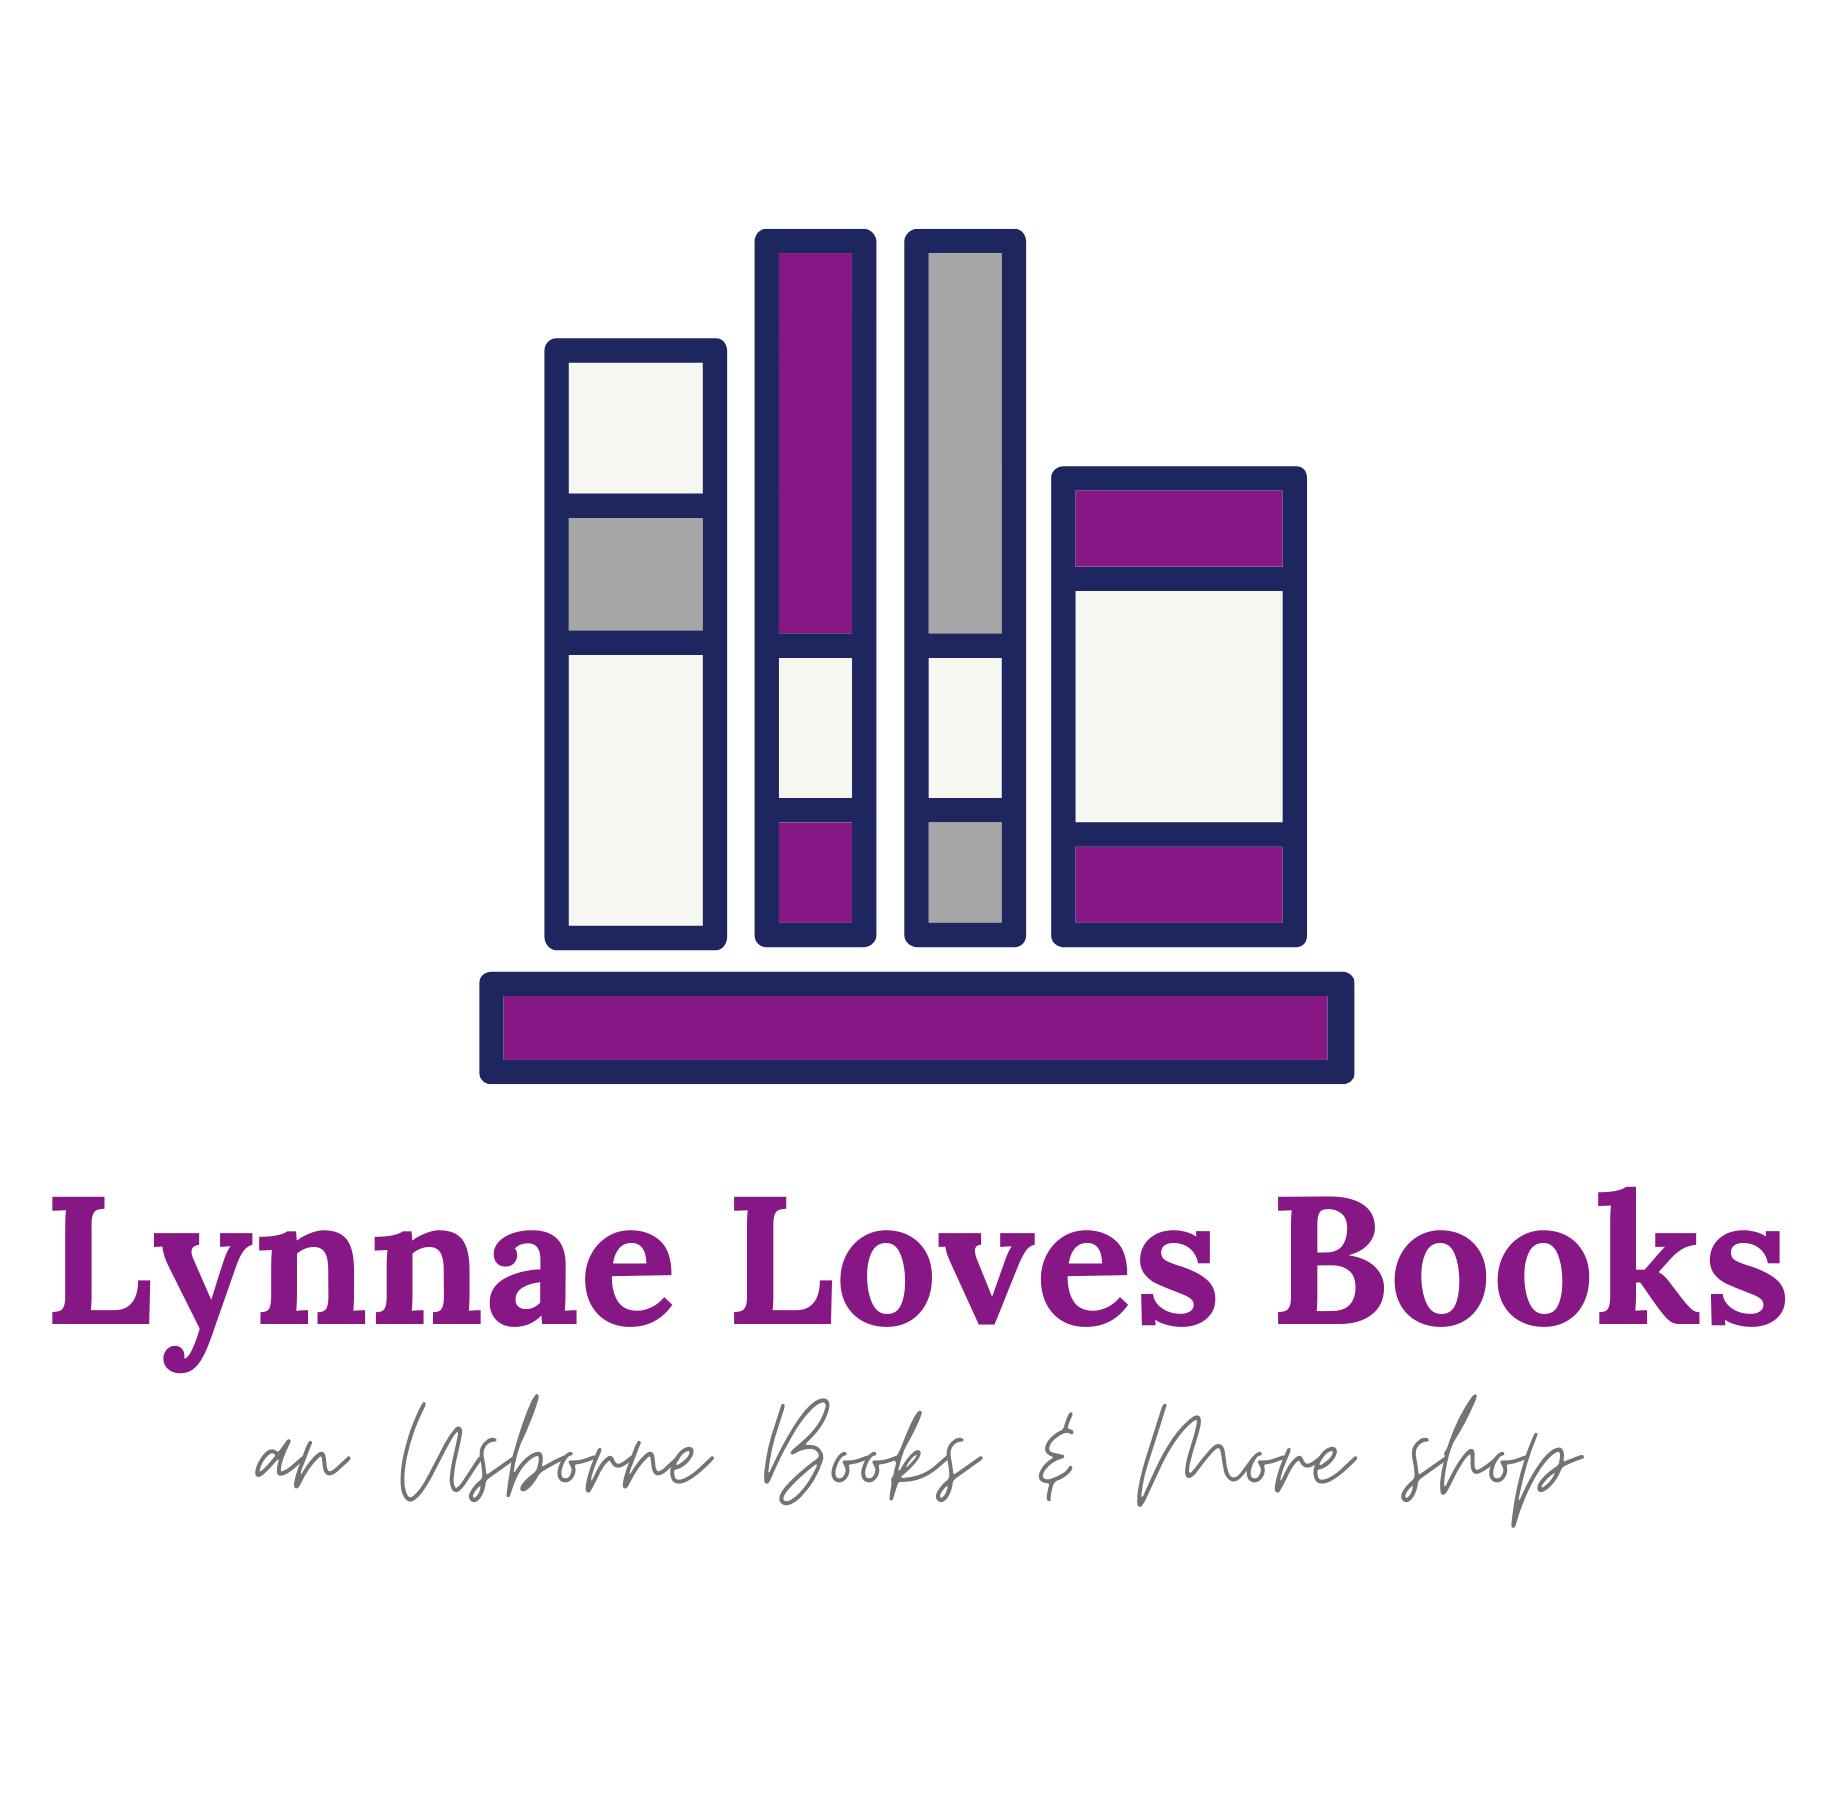 Lynnae Loves Books